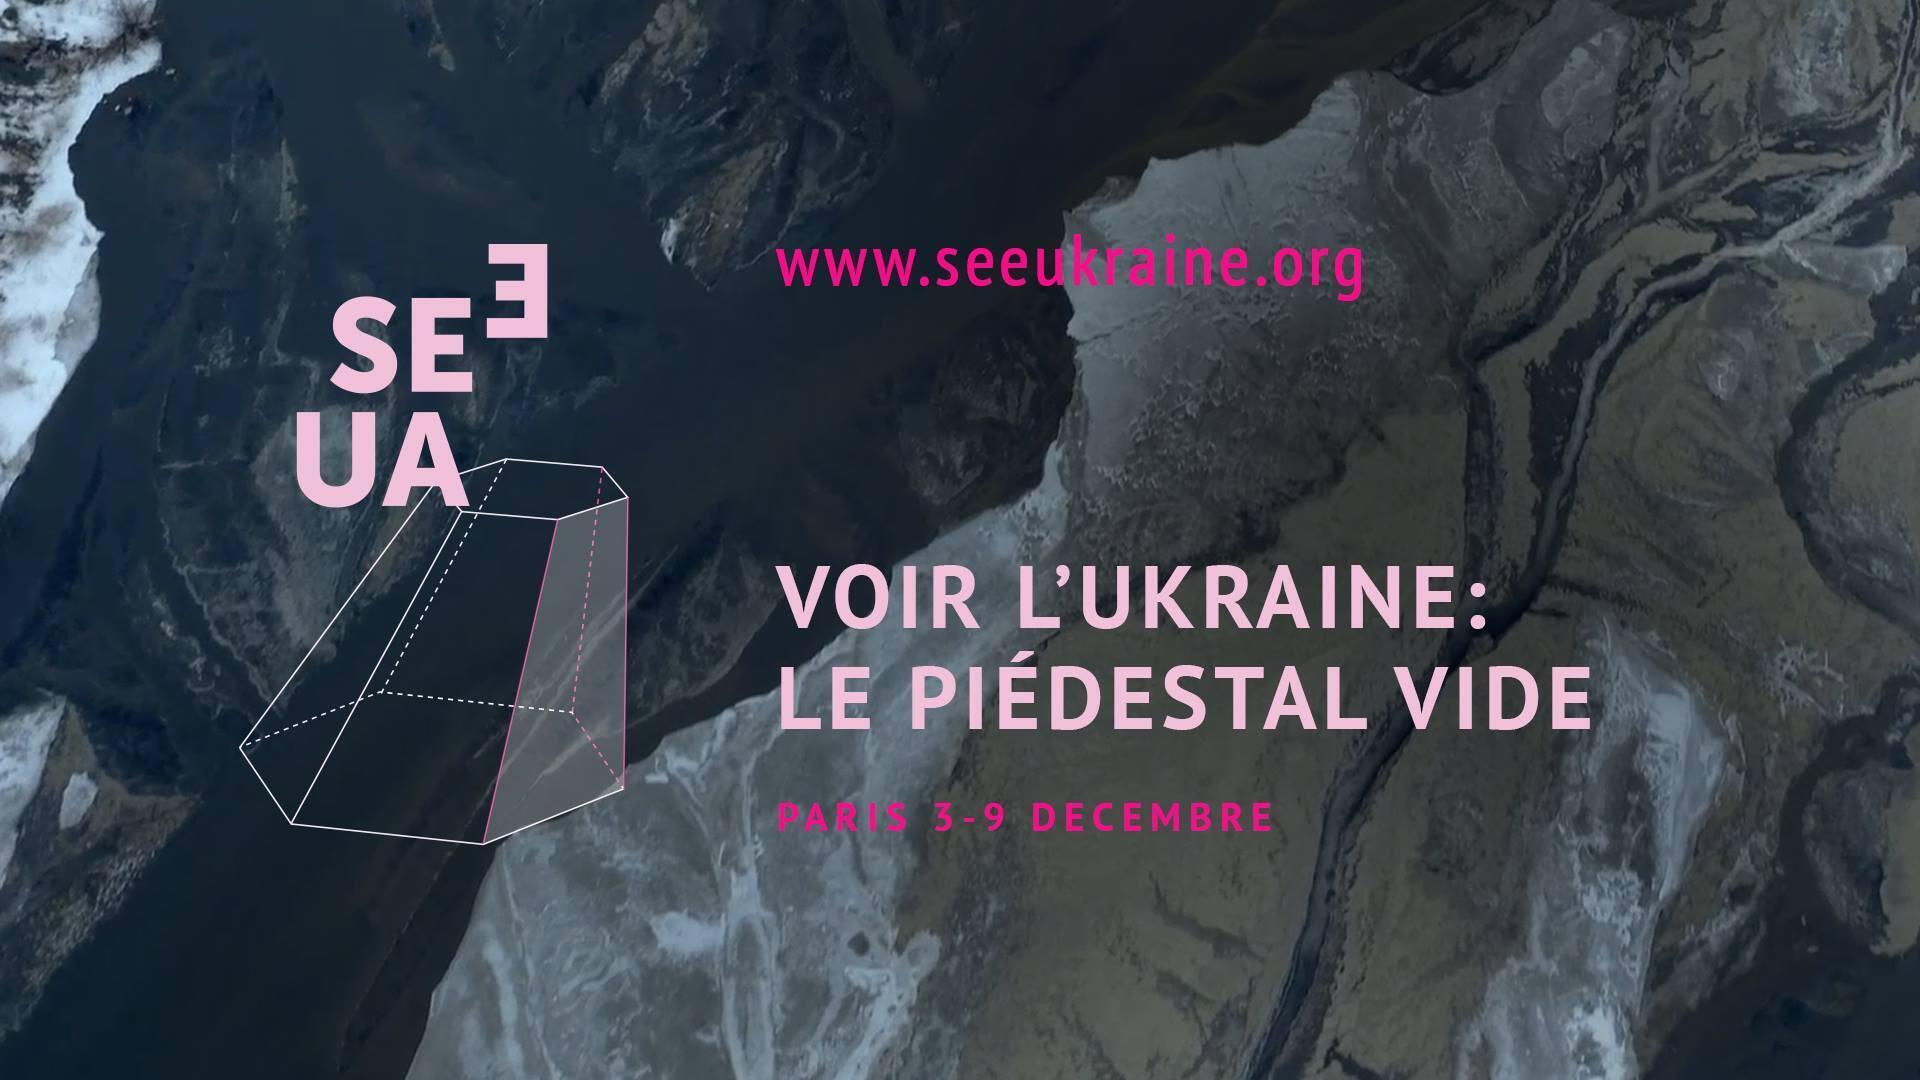 Фестиваль «Увидеть Украину. Пустой пьедестал» пройдет в Париже с 3 по 9 декабря